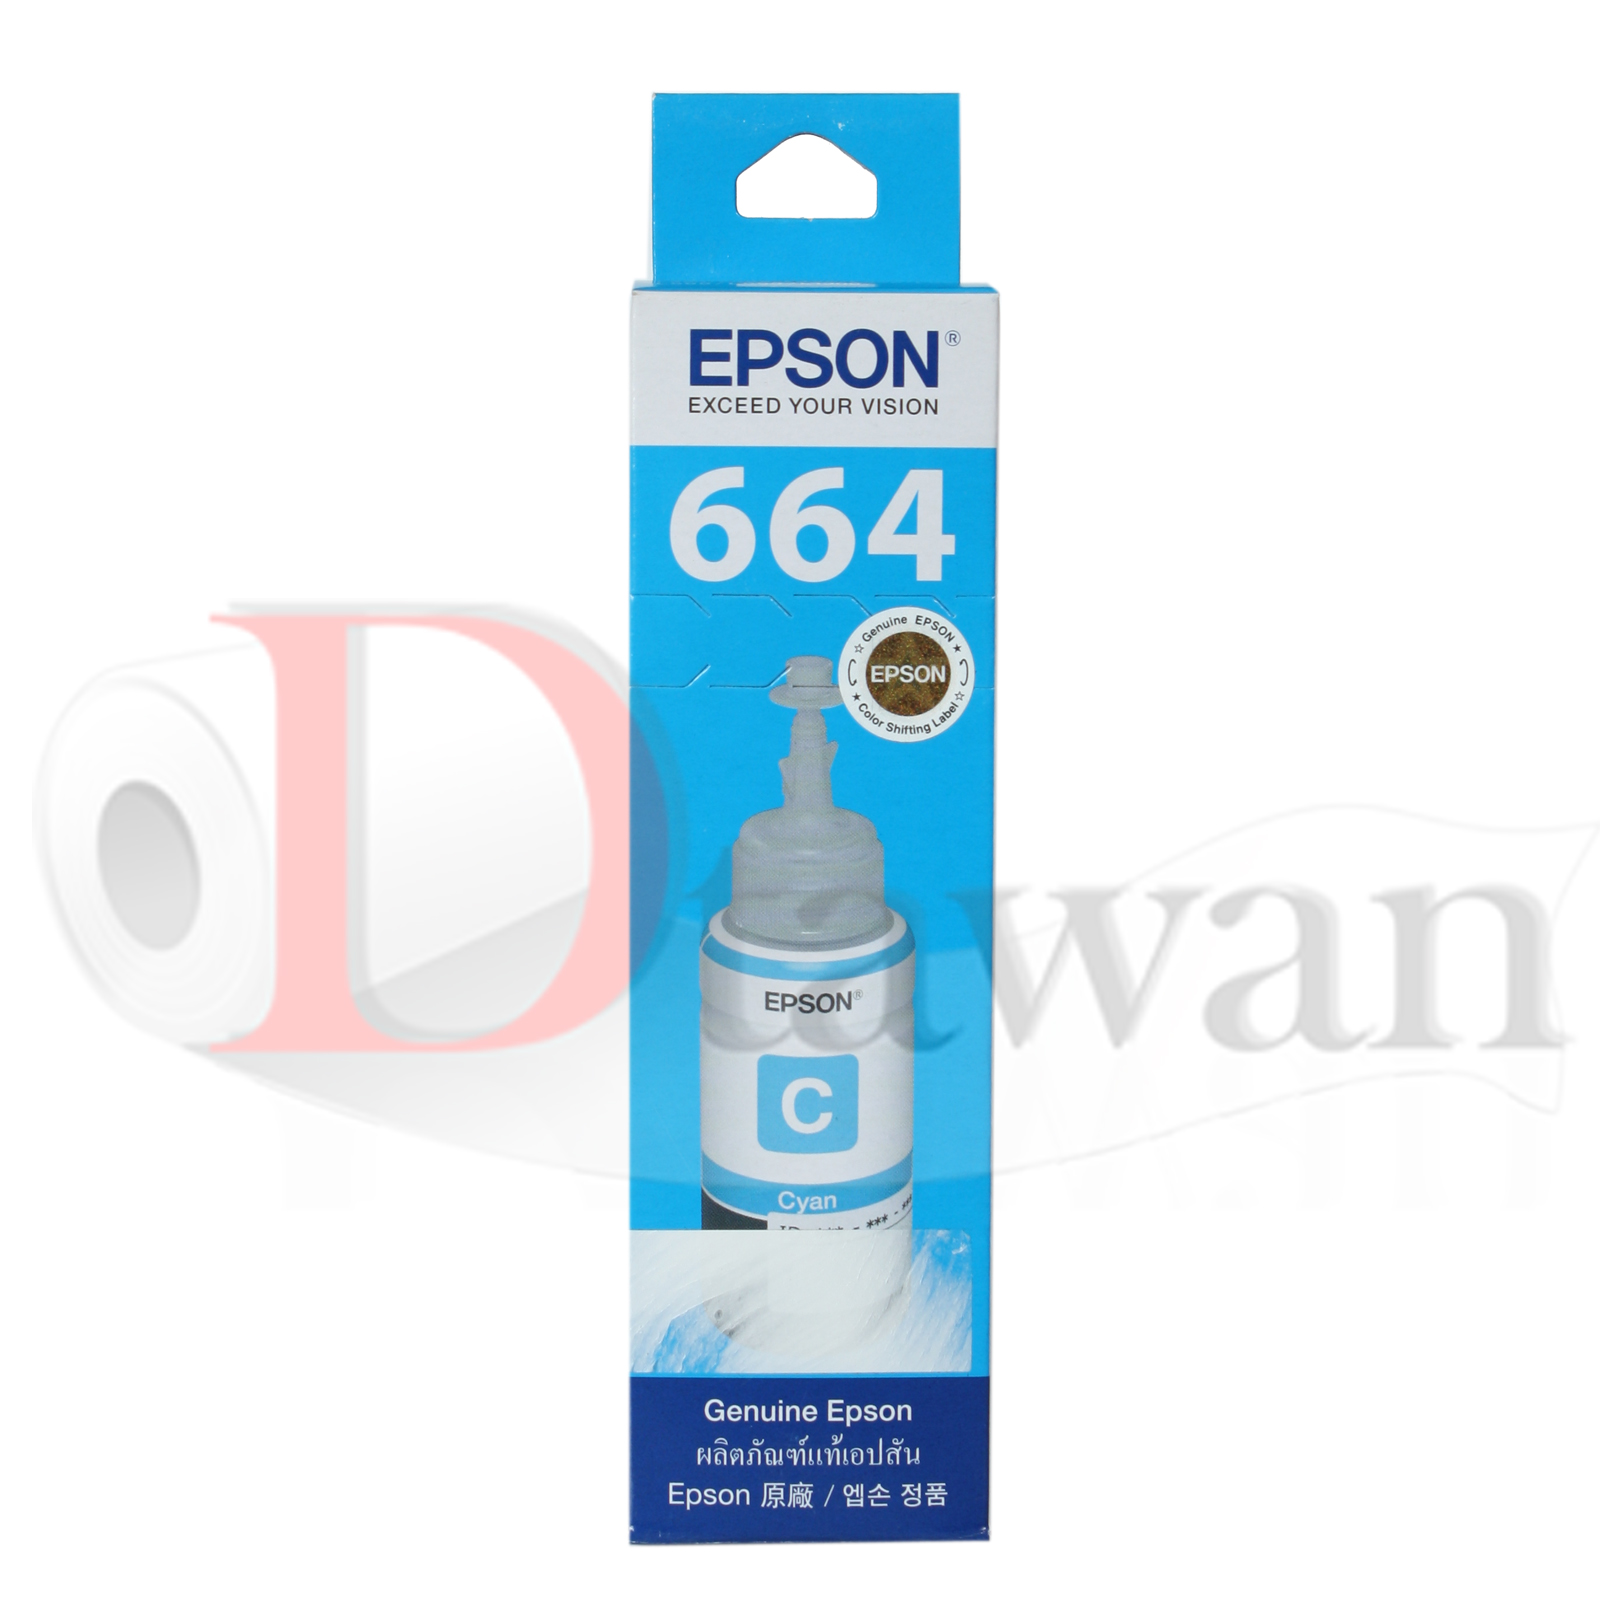 น้ำหมึกเติม EPSON ของแท้ สำหรับ L110,L210,L350,L550,L555,L1300 รหัส T6642 สี C